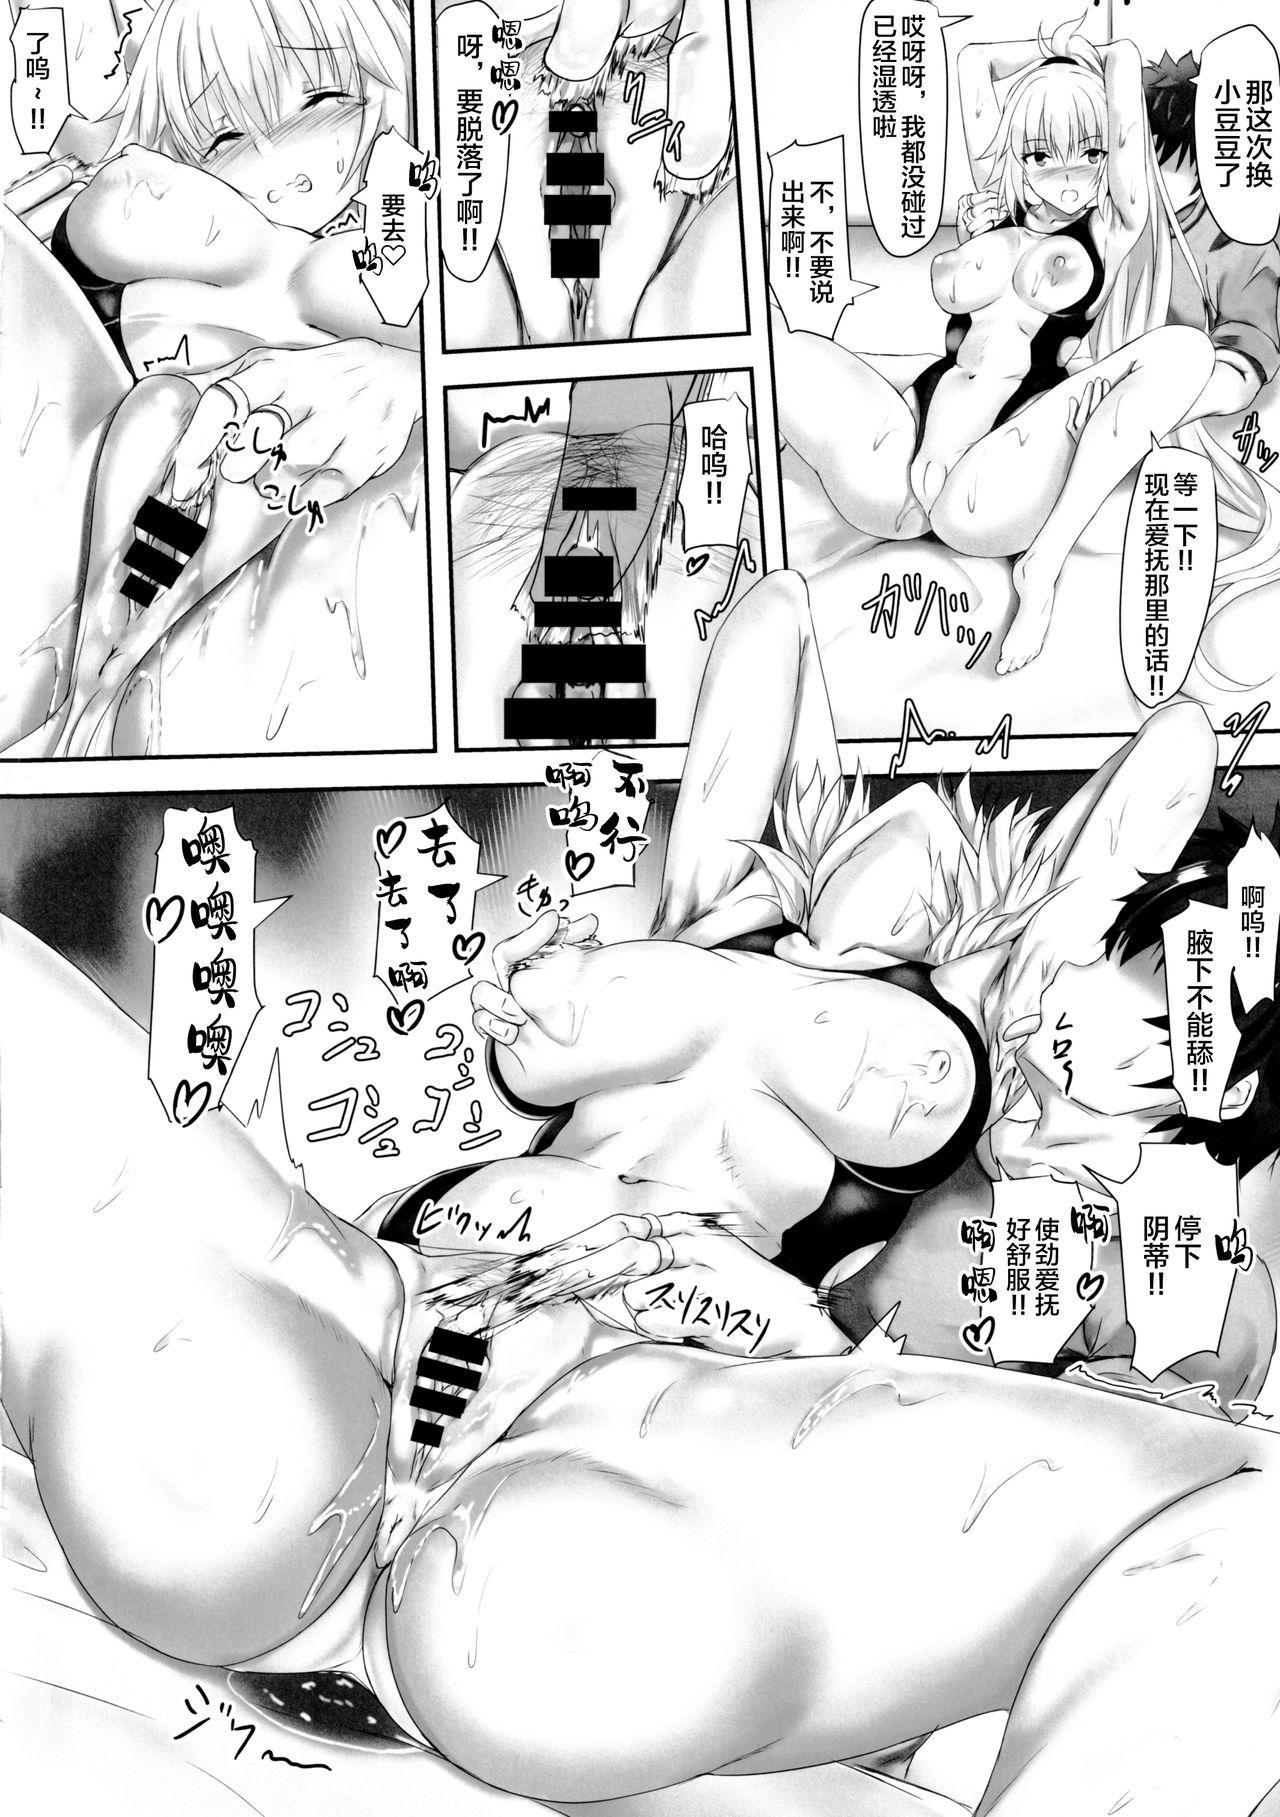 Gudao to Jeanne no Futari Ecchi Zoku 8